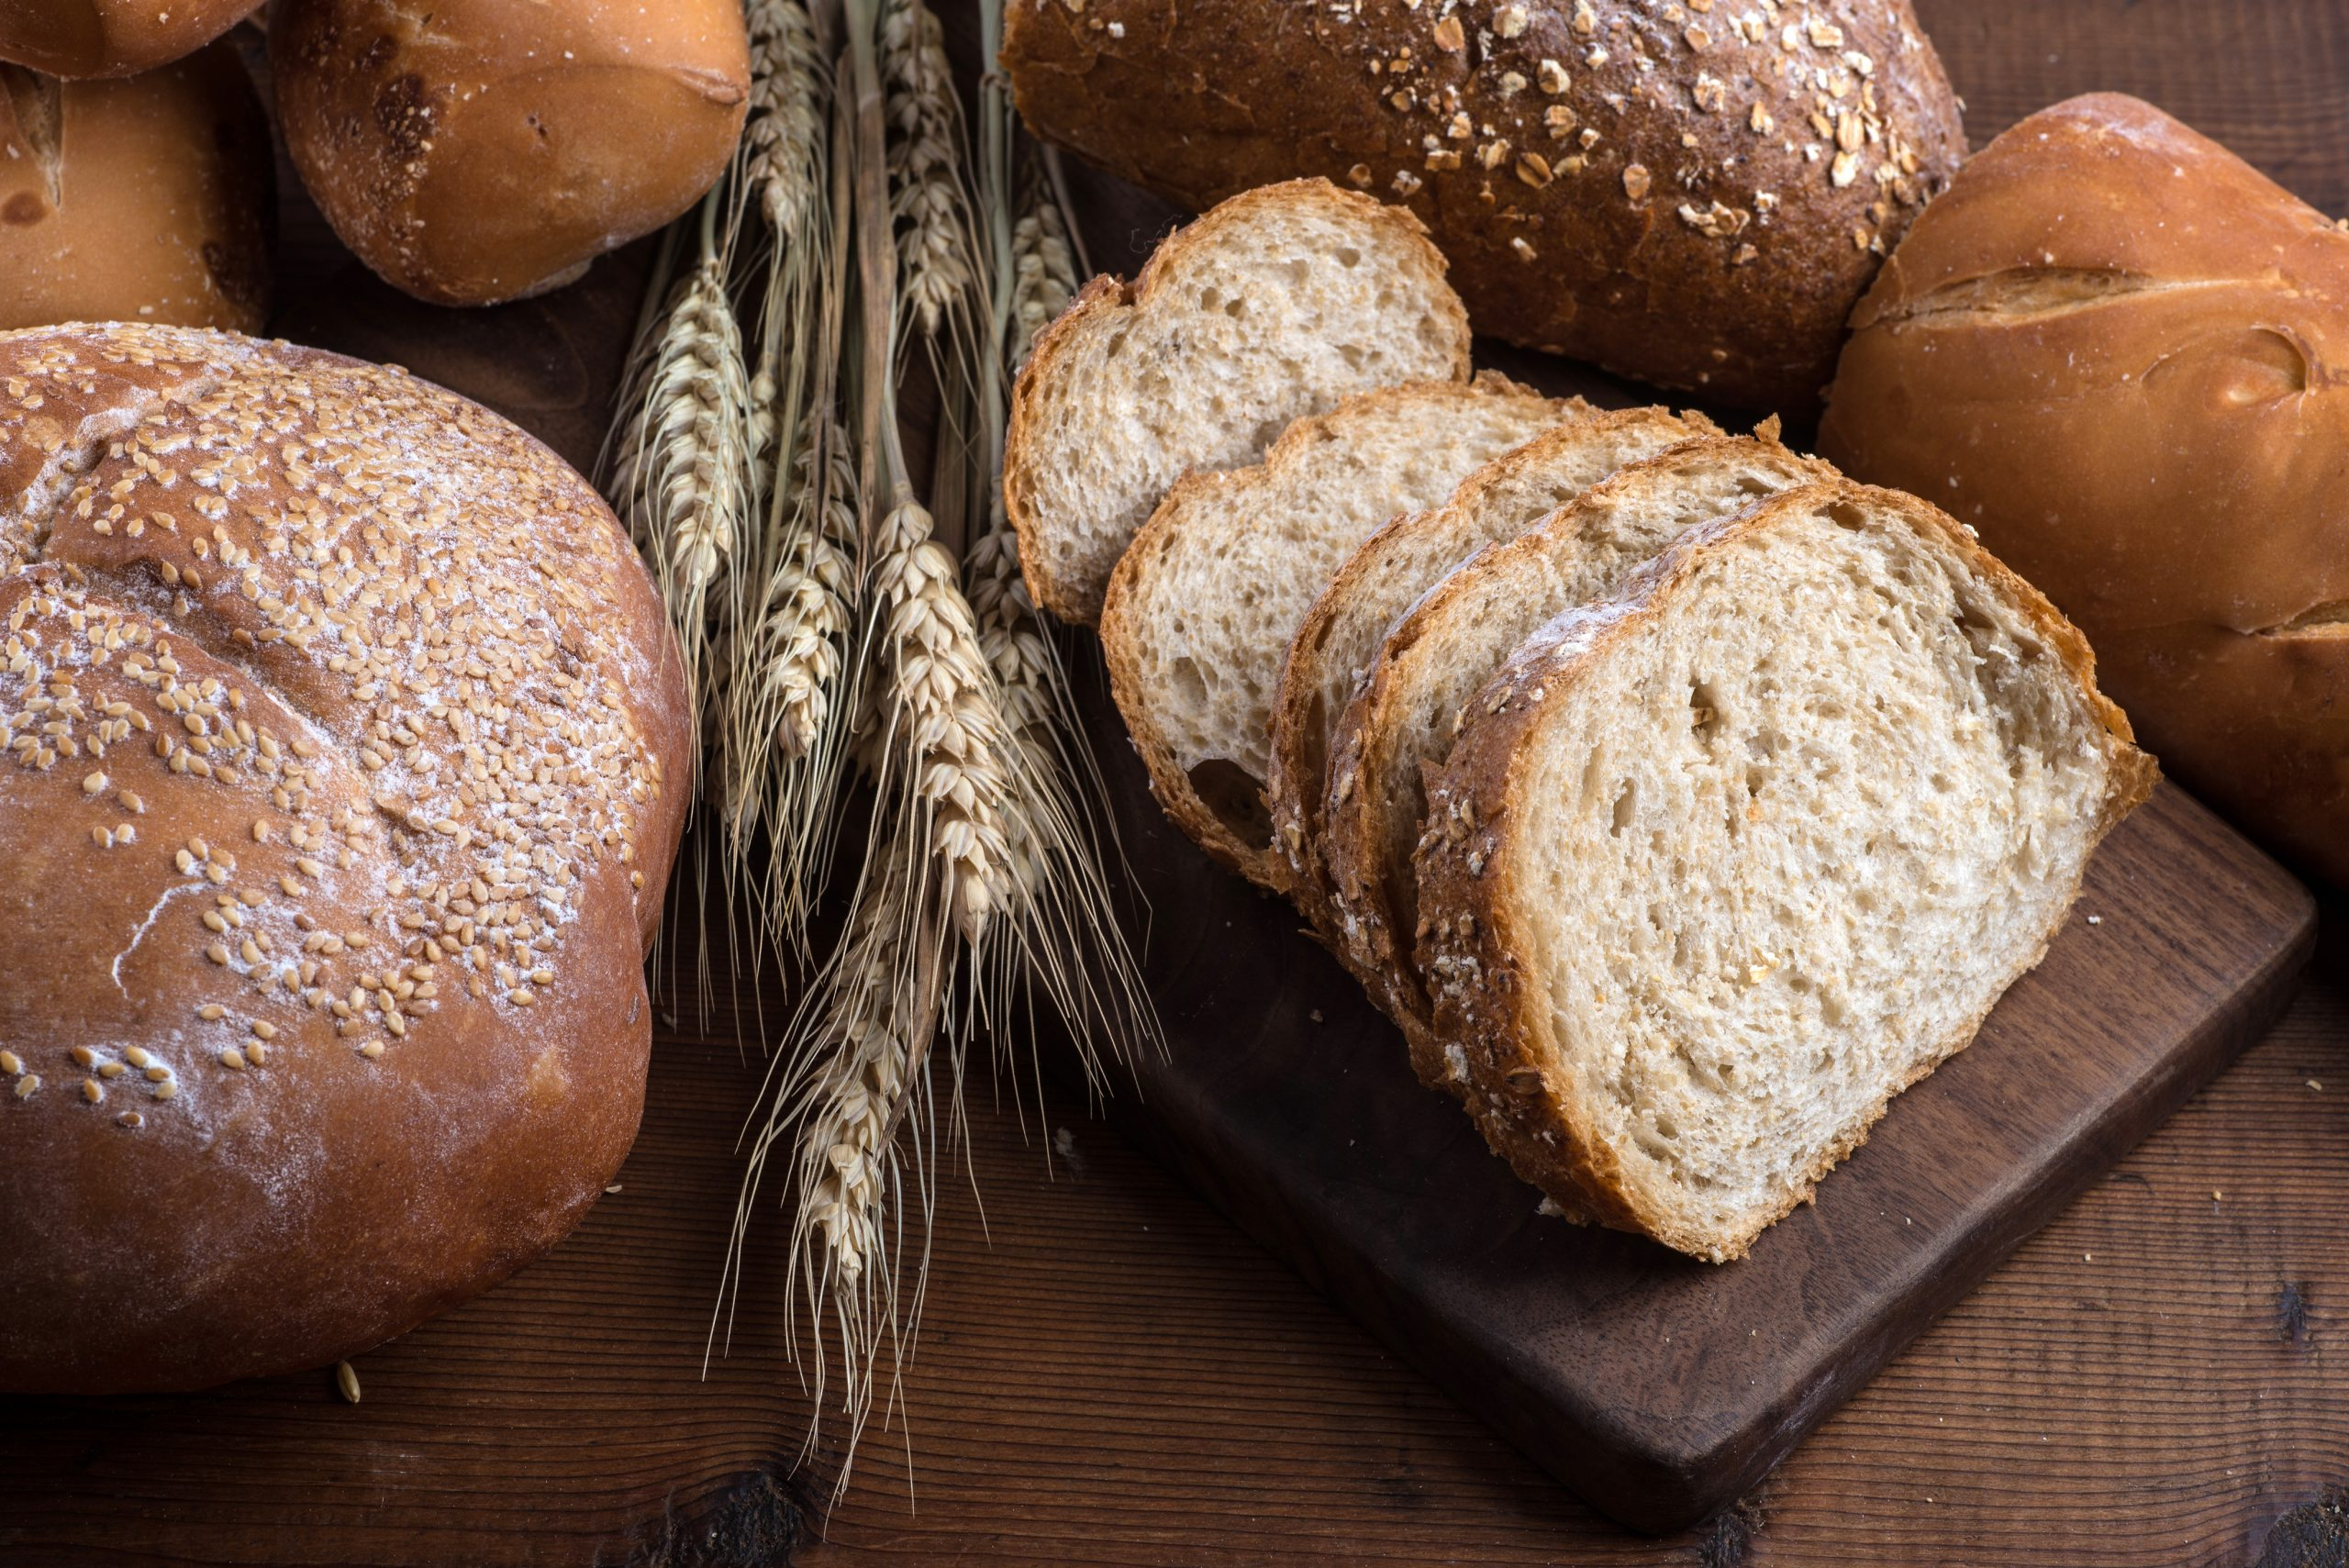 Un gros plan sur les pains complets qui ne peuvent pas être consommés dans le cadre d'un régime pauvre en fibres.